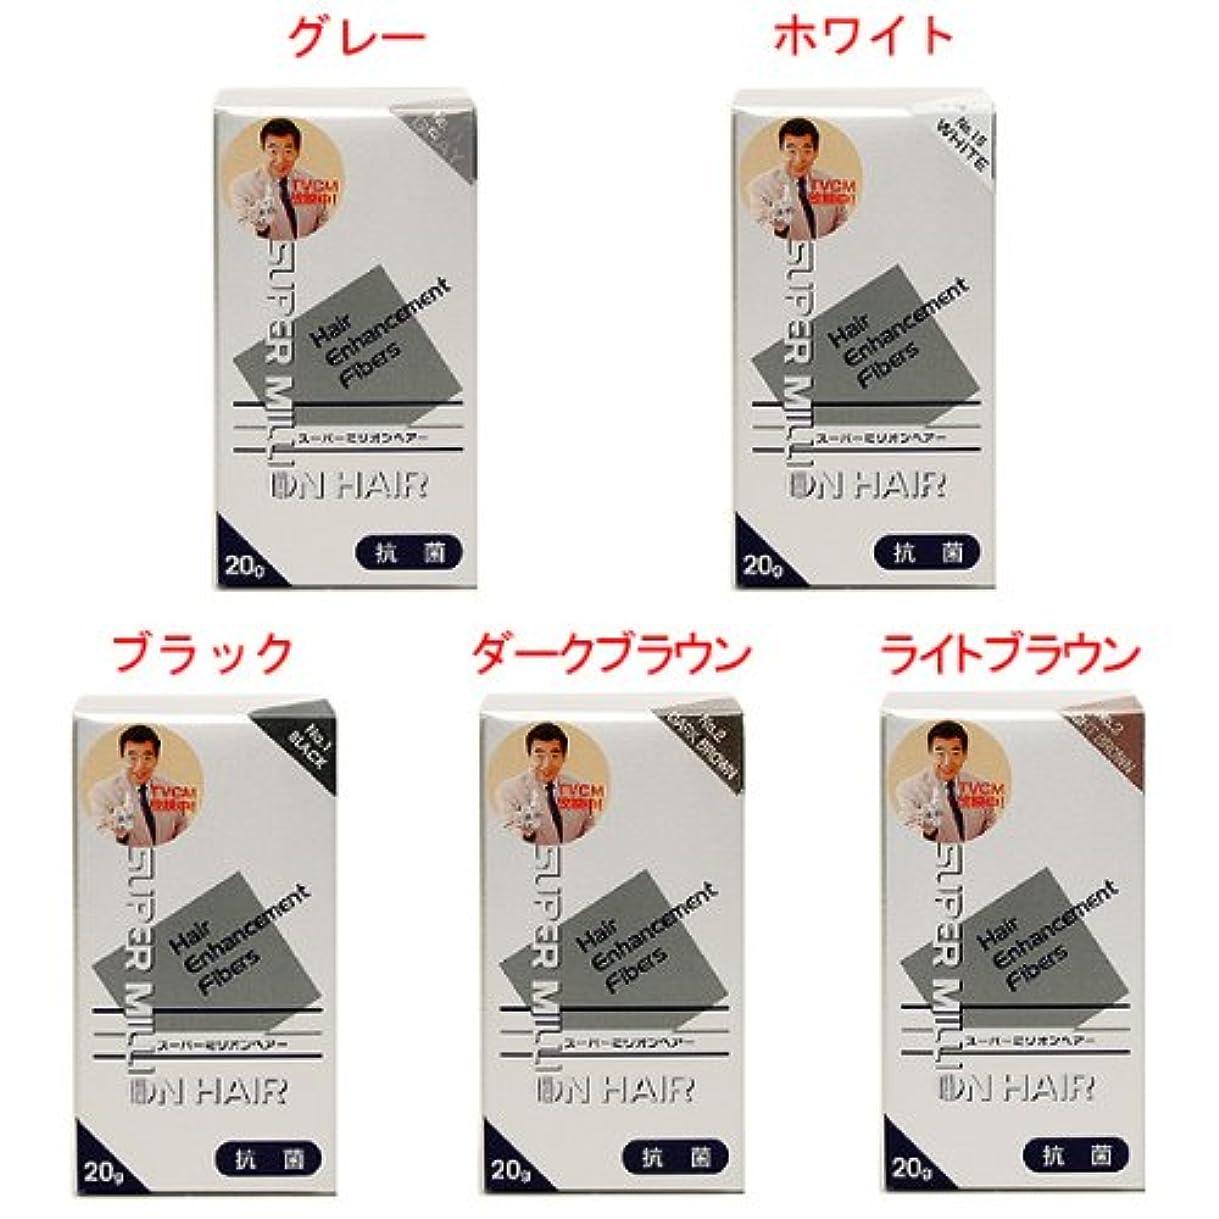 ファーム失望ファンドスーパーミリオンこげ茶20G3500 ルアン(株)